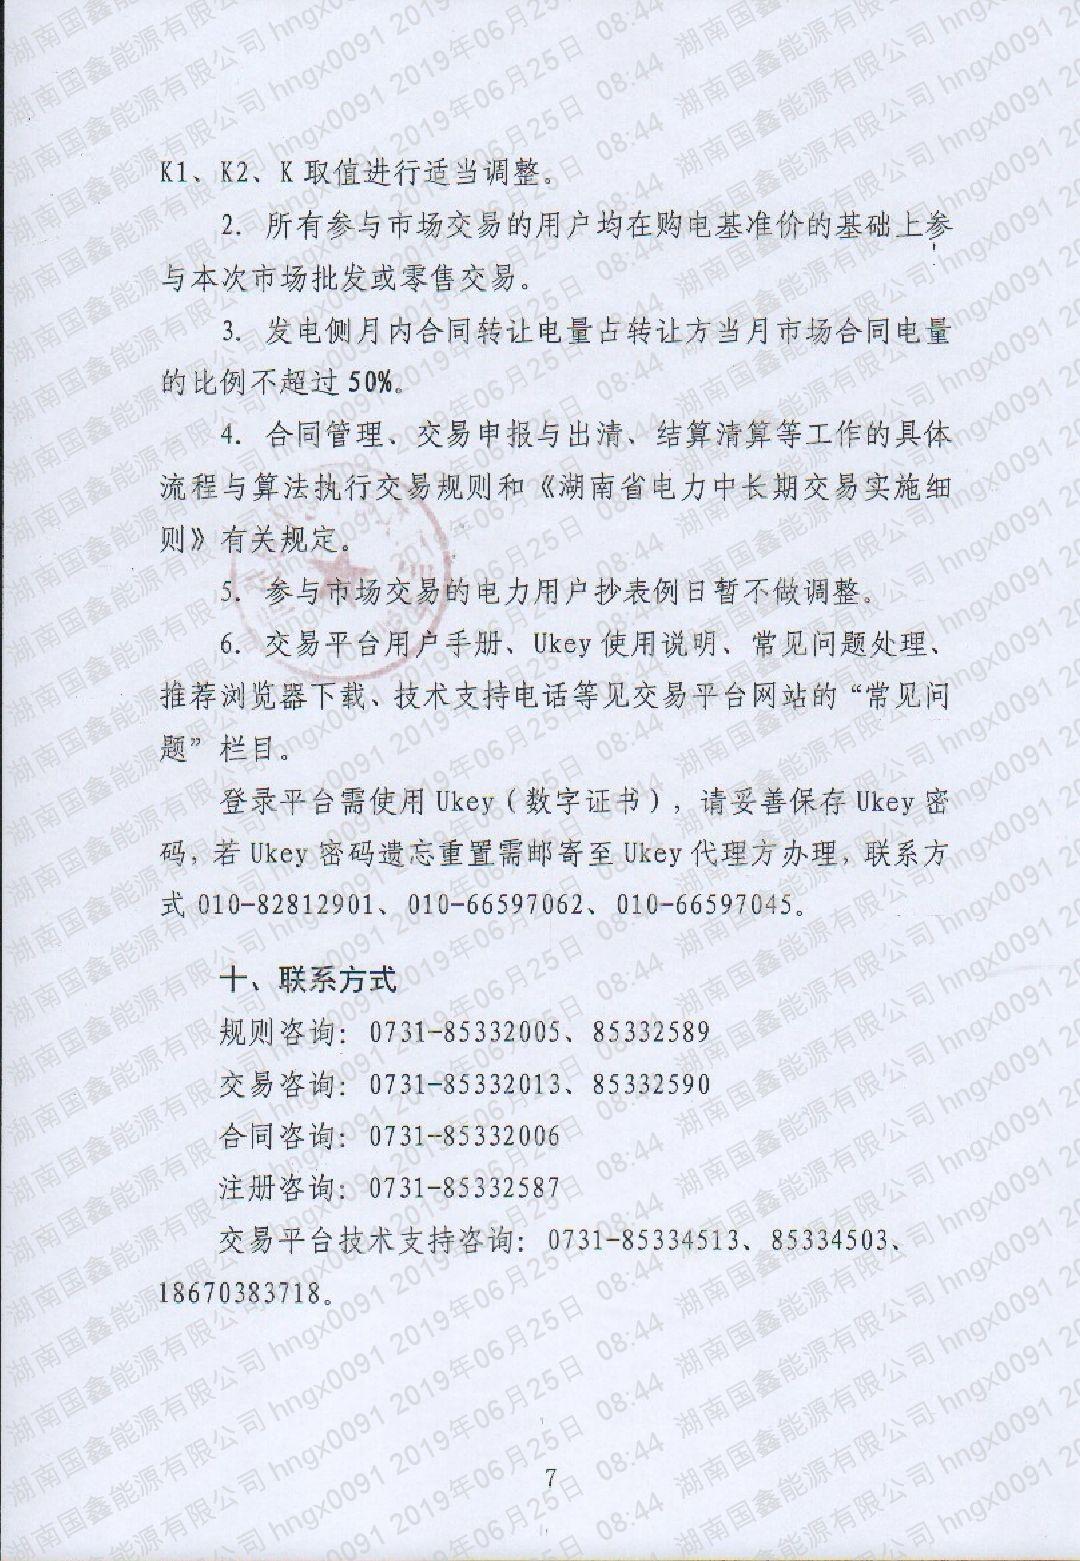 湖南電力交易中心有限公司關于2019年7月電力市場交易的公告(2019年13號).pdf_page_7_compressed_compressed.jpg